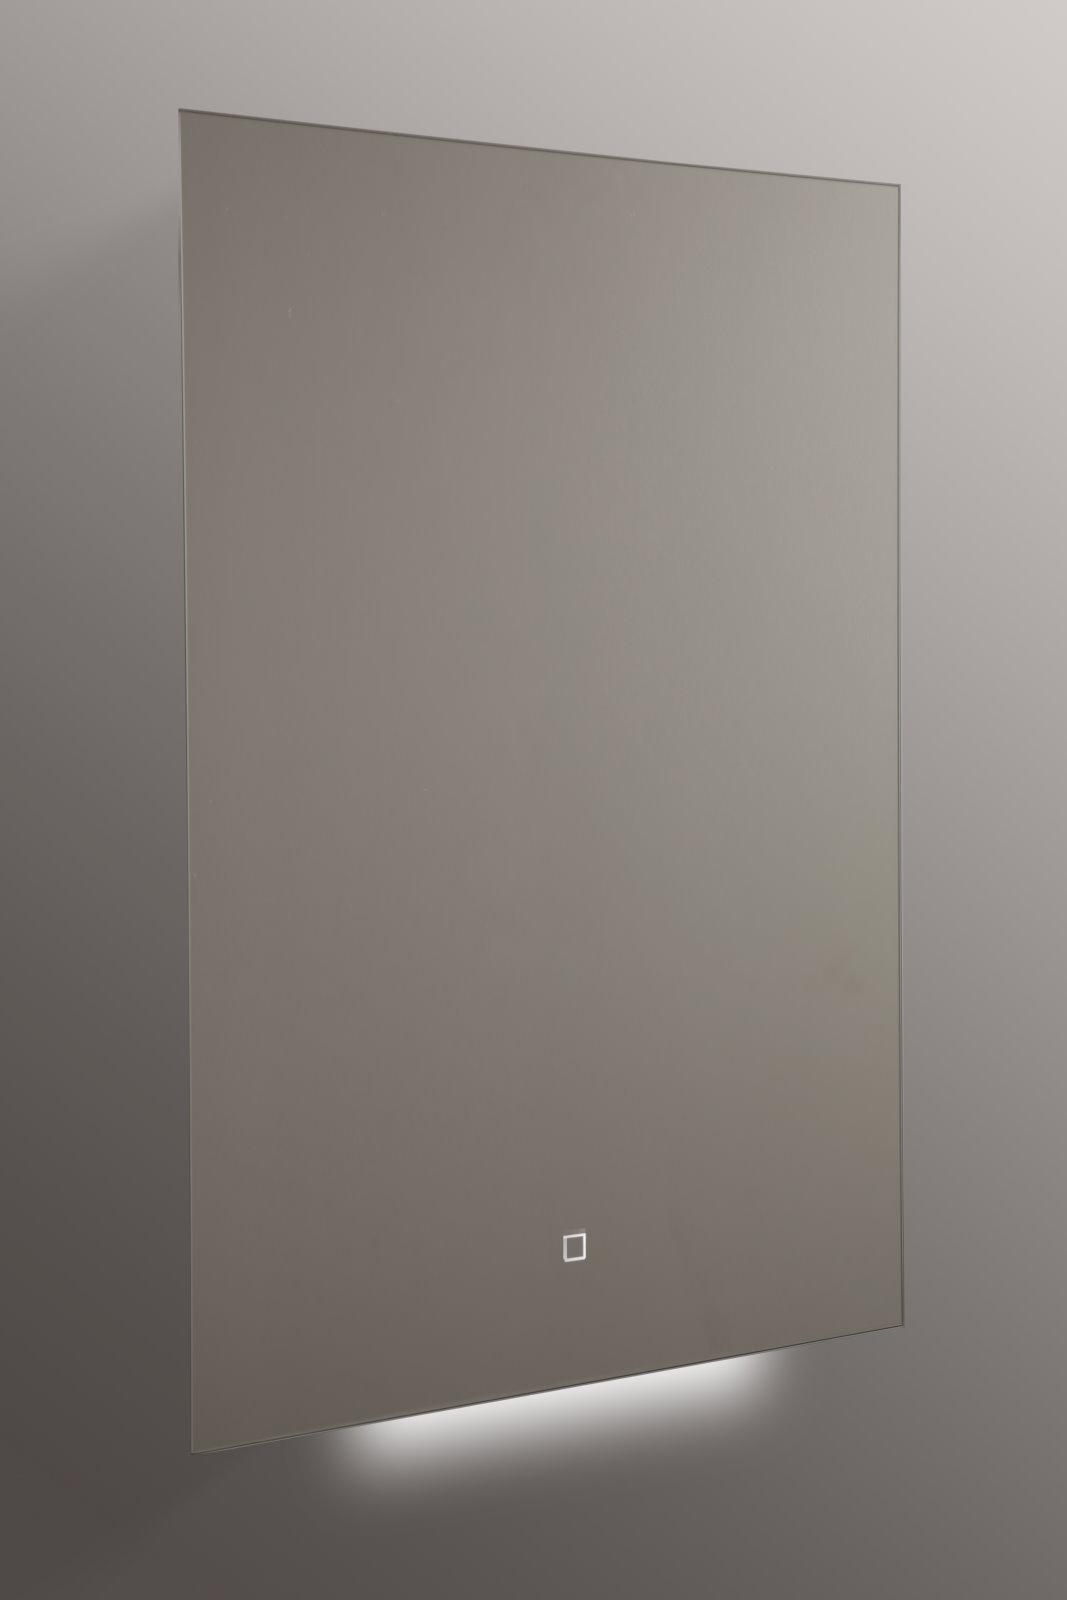 design led lichtspiegel 50x70cm touch badezimmer bad. Black Bedroom Furniture Sets. Home Design Ideas